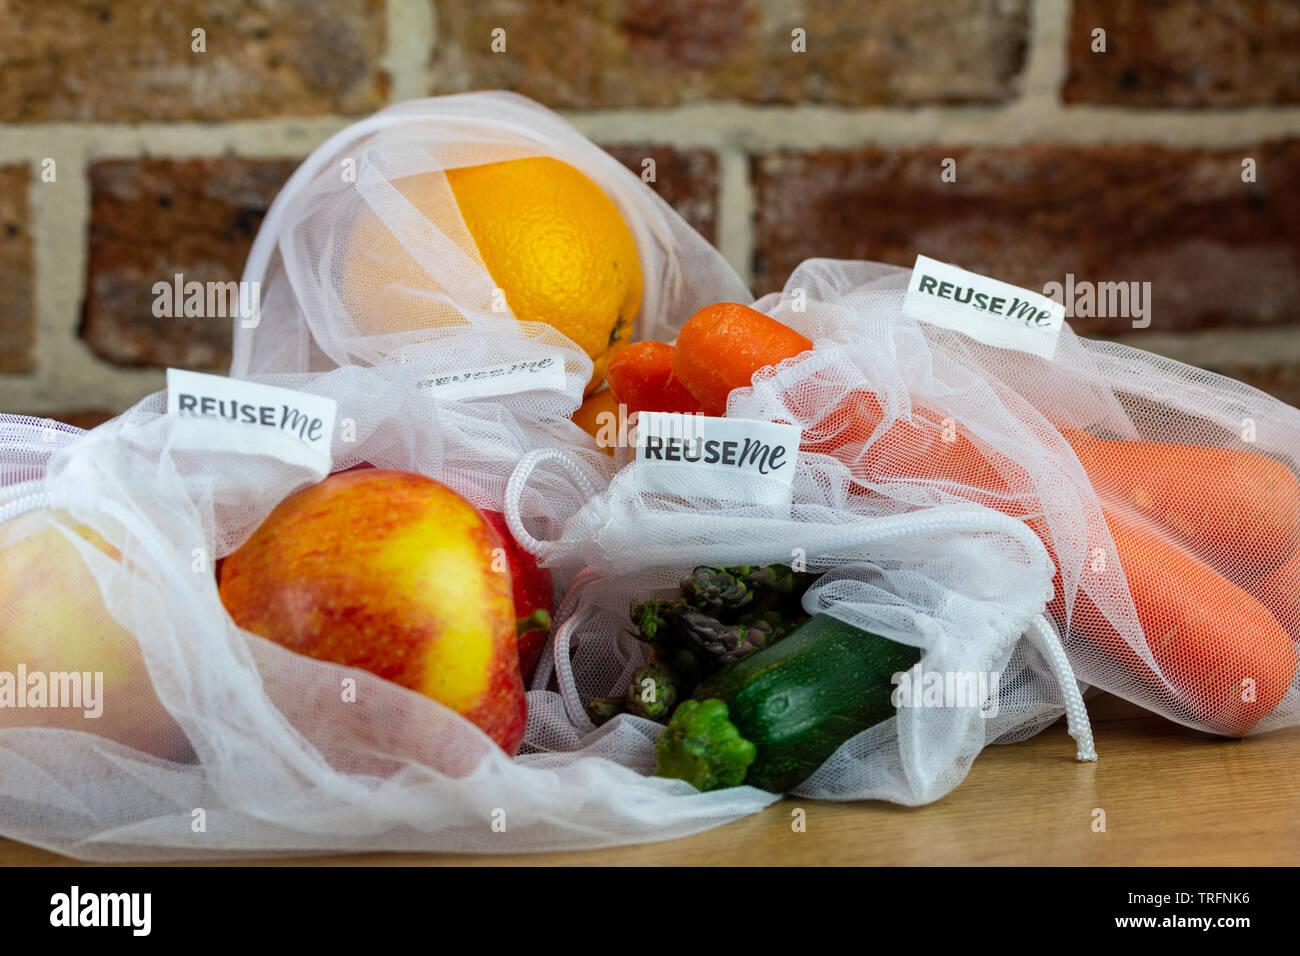 La frutta e la verdura riutilizzabili in borse di maglia, con il riutilizzo di me etichette, sul banco di cucina, autentica reale libero di plastica eco friendly shopping Immagini Stock